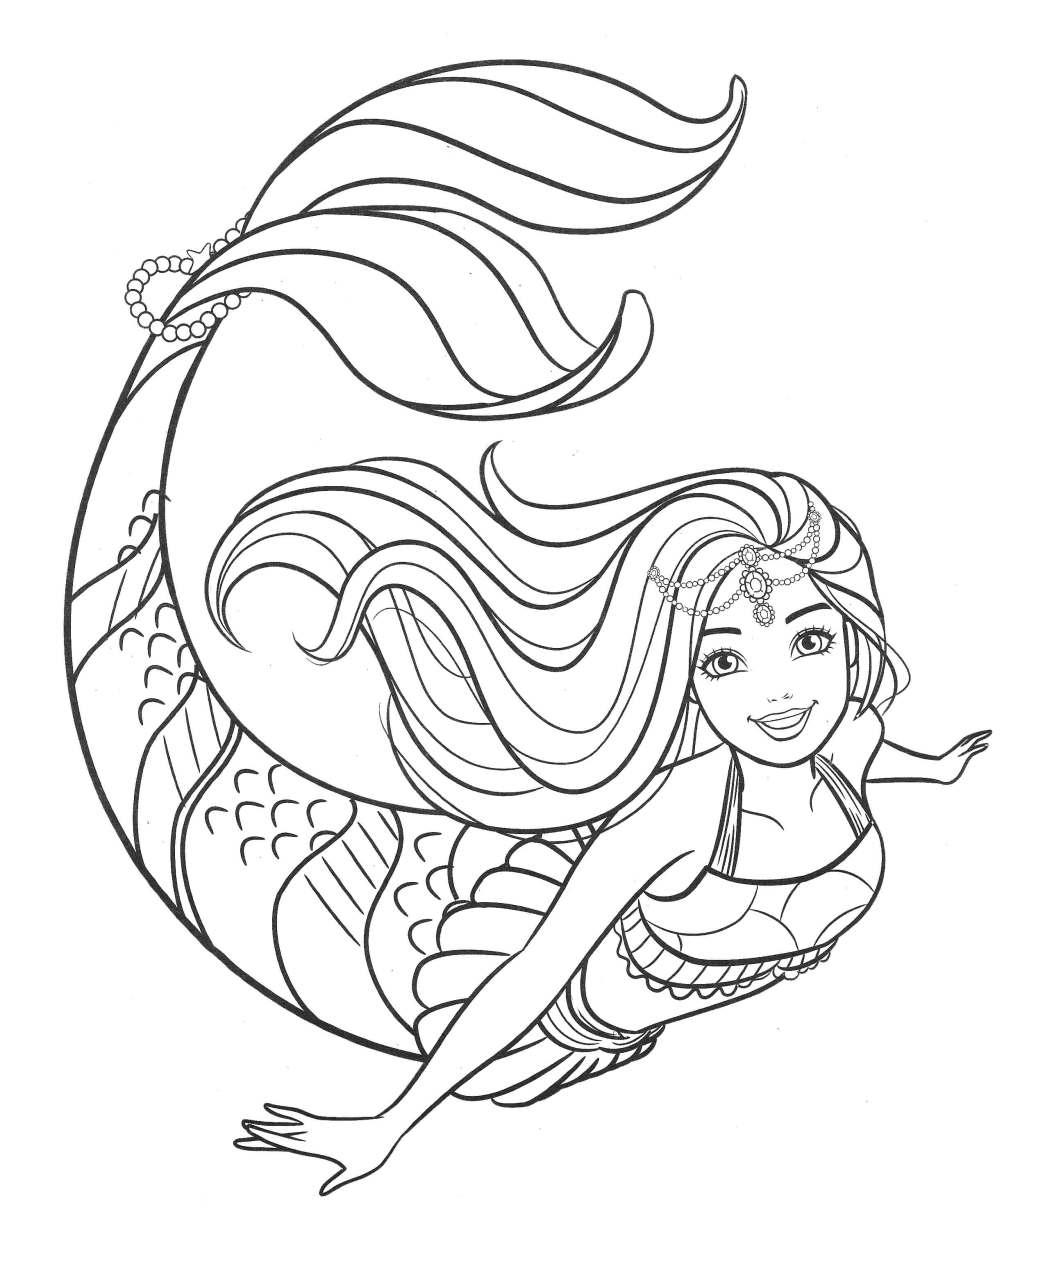 Barbie Sereia - Desenho pra pintar, colorir e imprimir - Mermaid 38